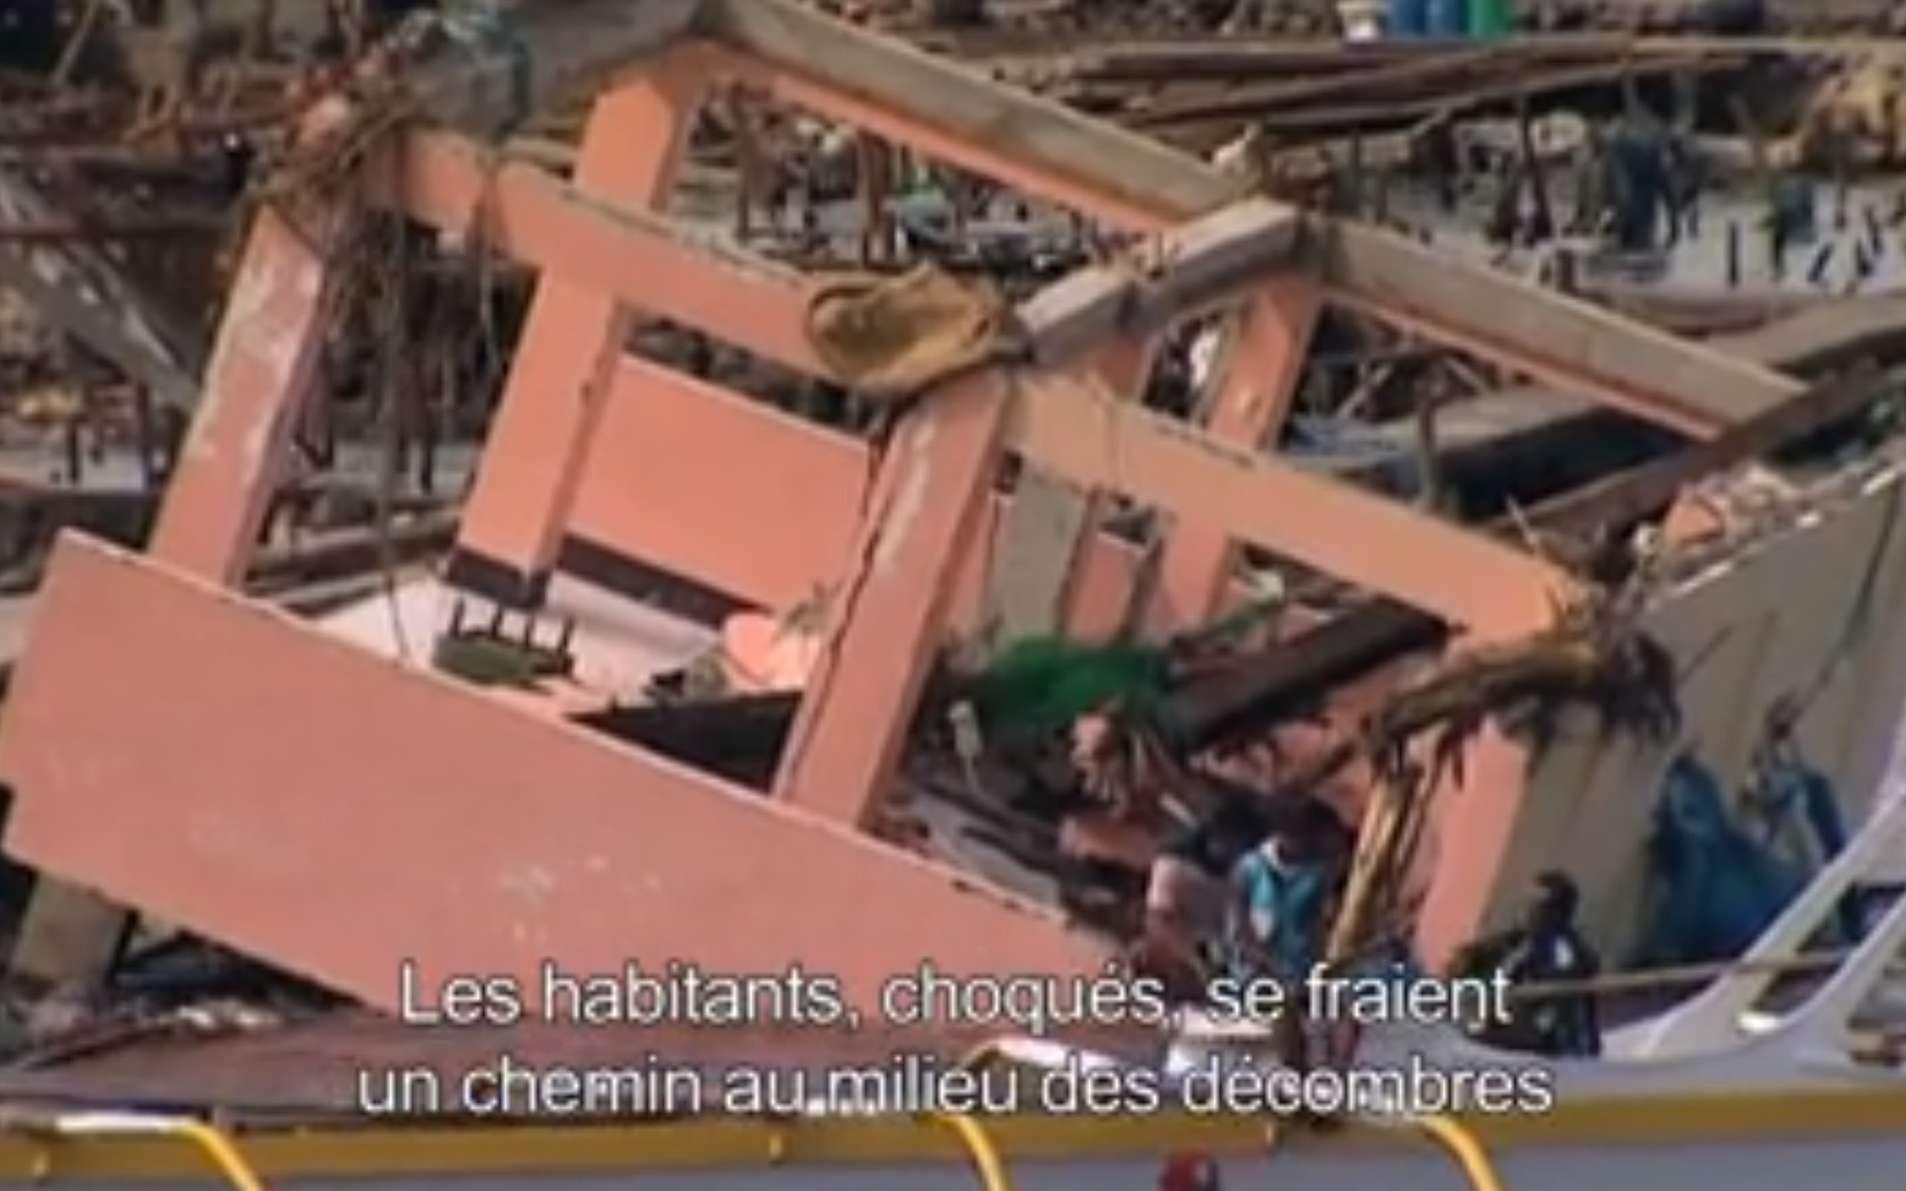 Lors de son passage d'est en ouest sur les Philippines, la puissance du typhon Haiyan était maximale. Arbres et constructions ont été balayés sur sa route, faisant des milliers de victimes et des dégâts considérables. © Discovery Channel